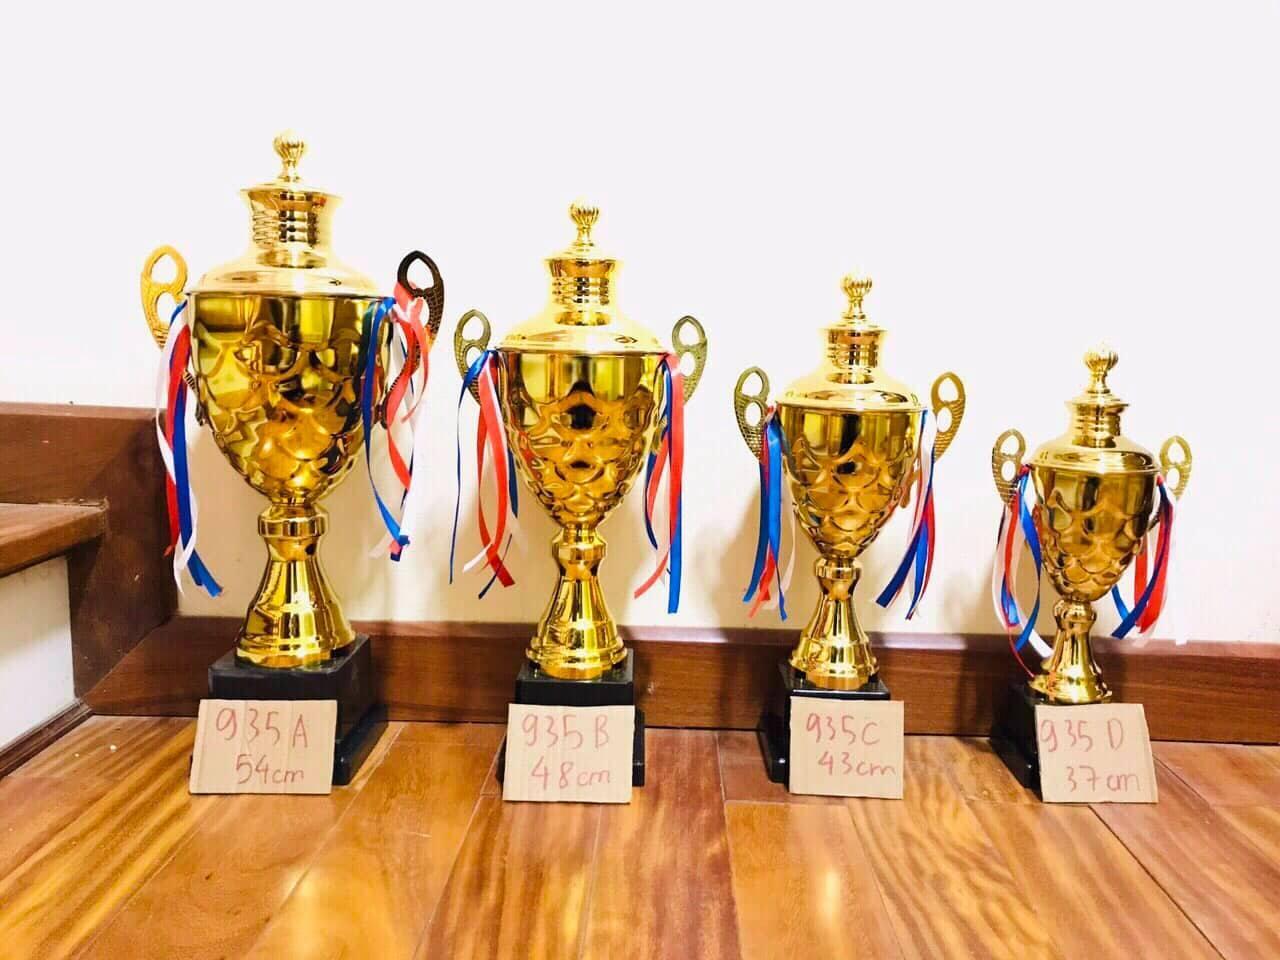 Offer Ưu Đãi Cup Vô địch Siêu Chất